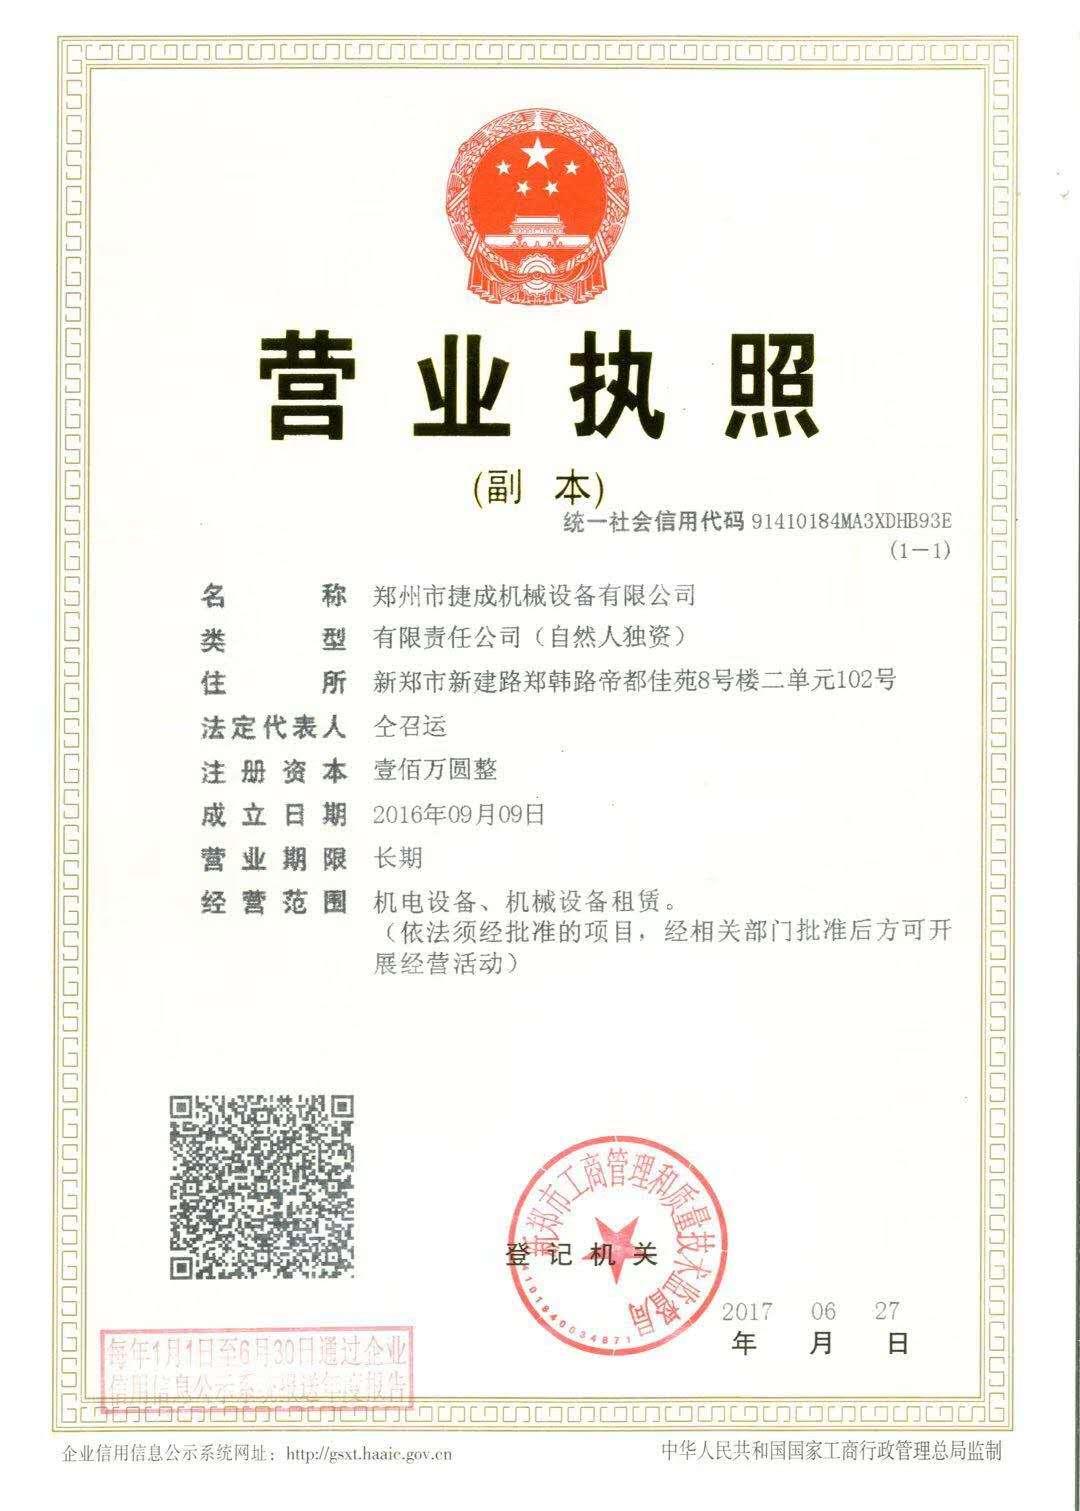 郑州市捷成机械设备营业执照